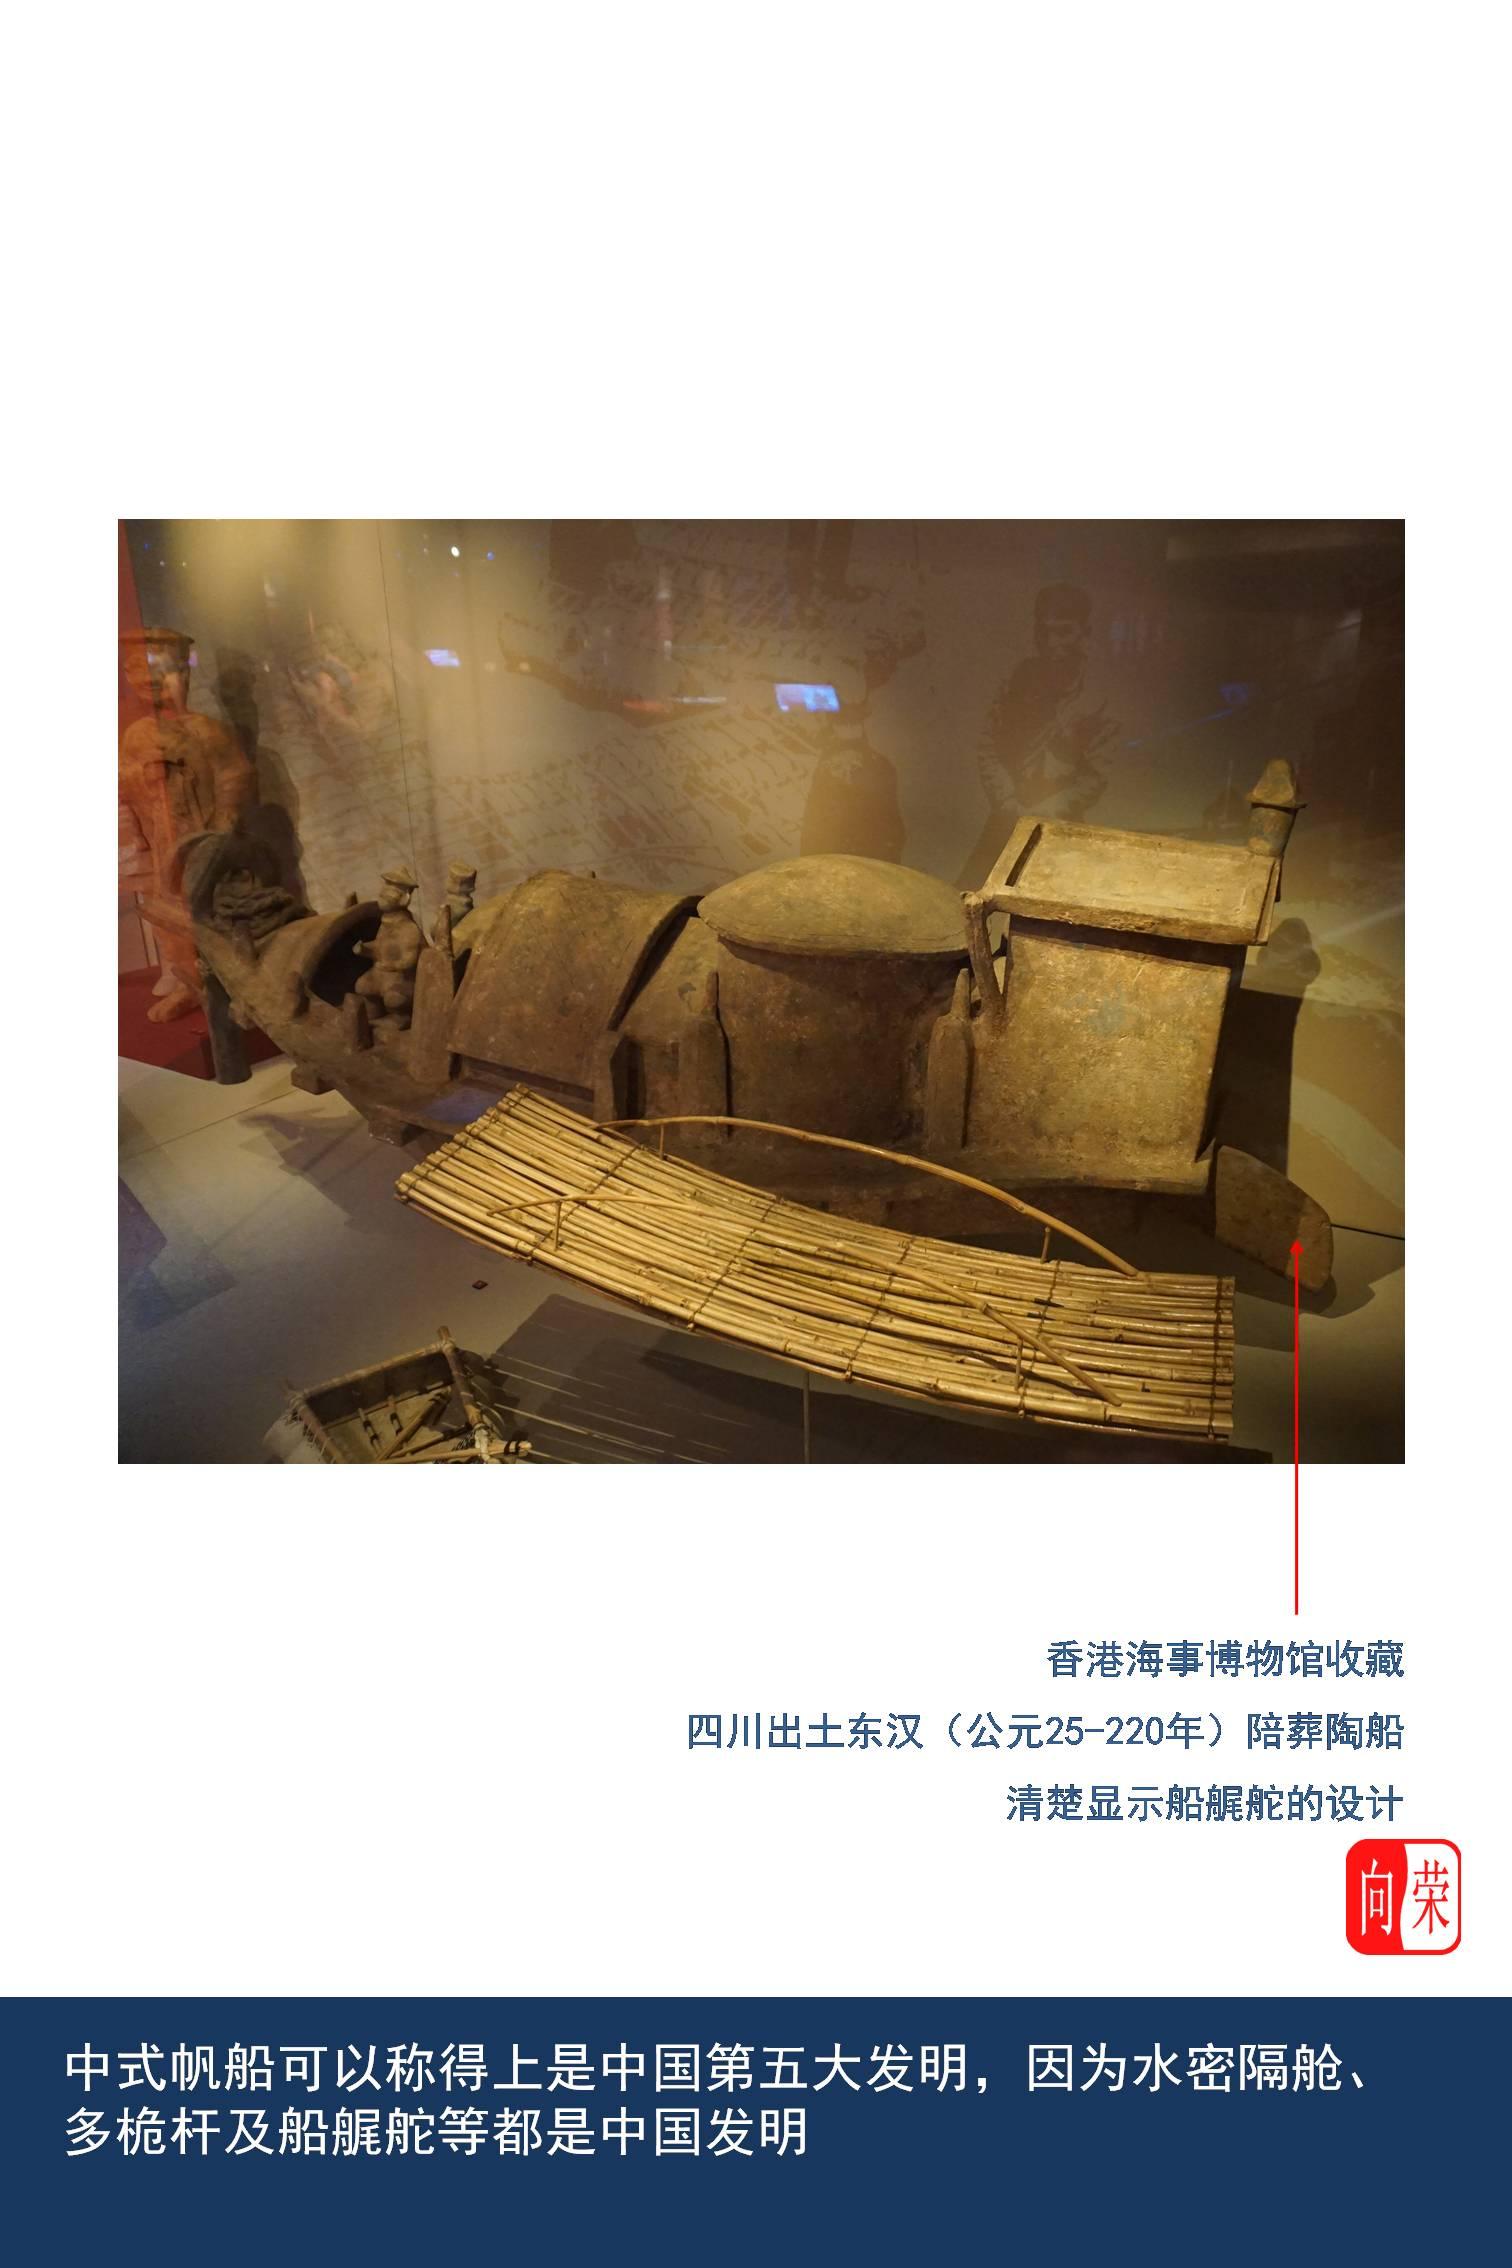 中华文化,旅行社,香港大学,南海诸岛,帆船运动 《中式帆船古为今用》展览,让老邝带你看中式帆船! Slide1.JPG